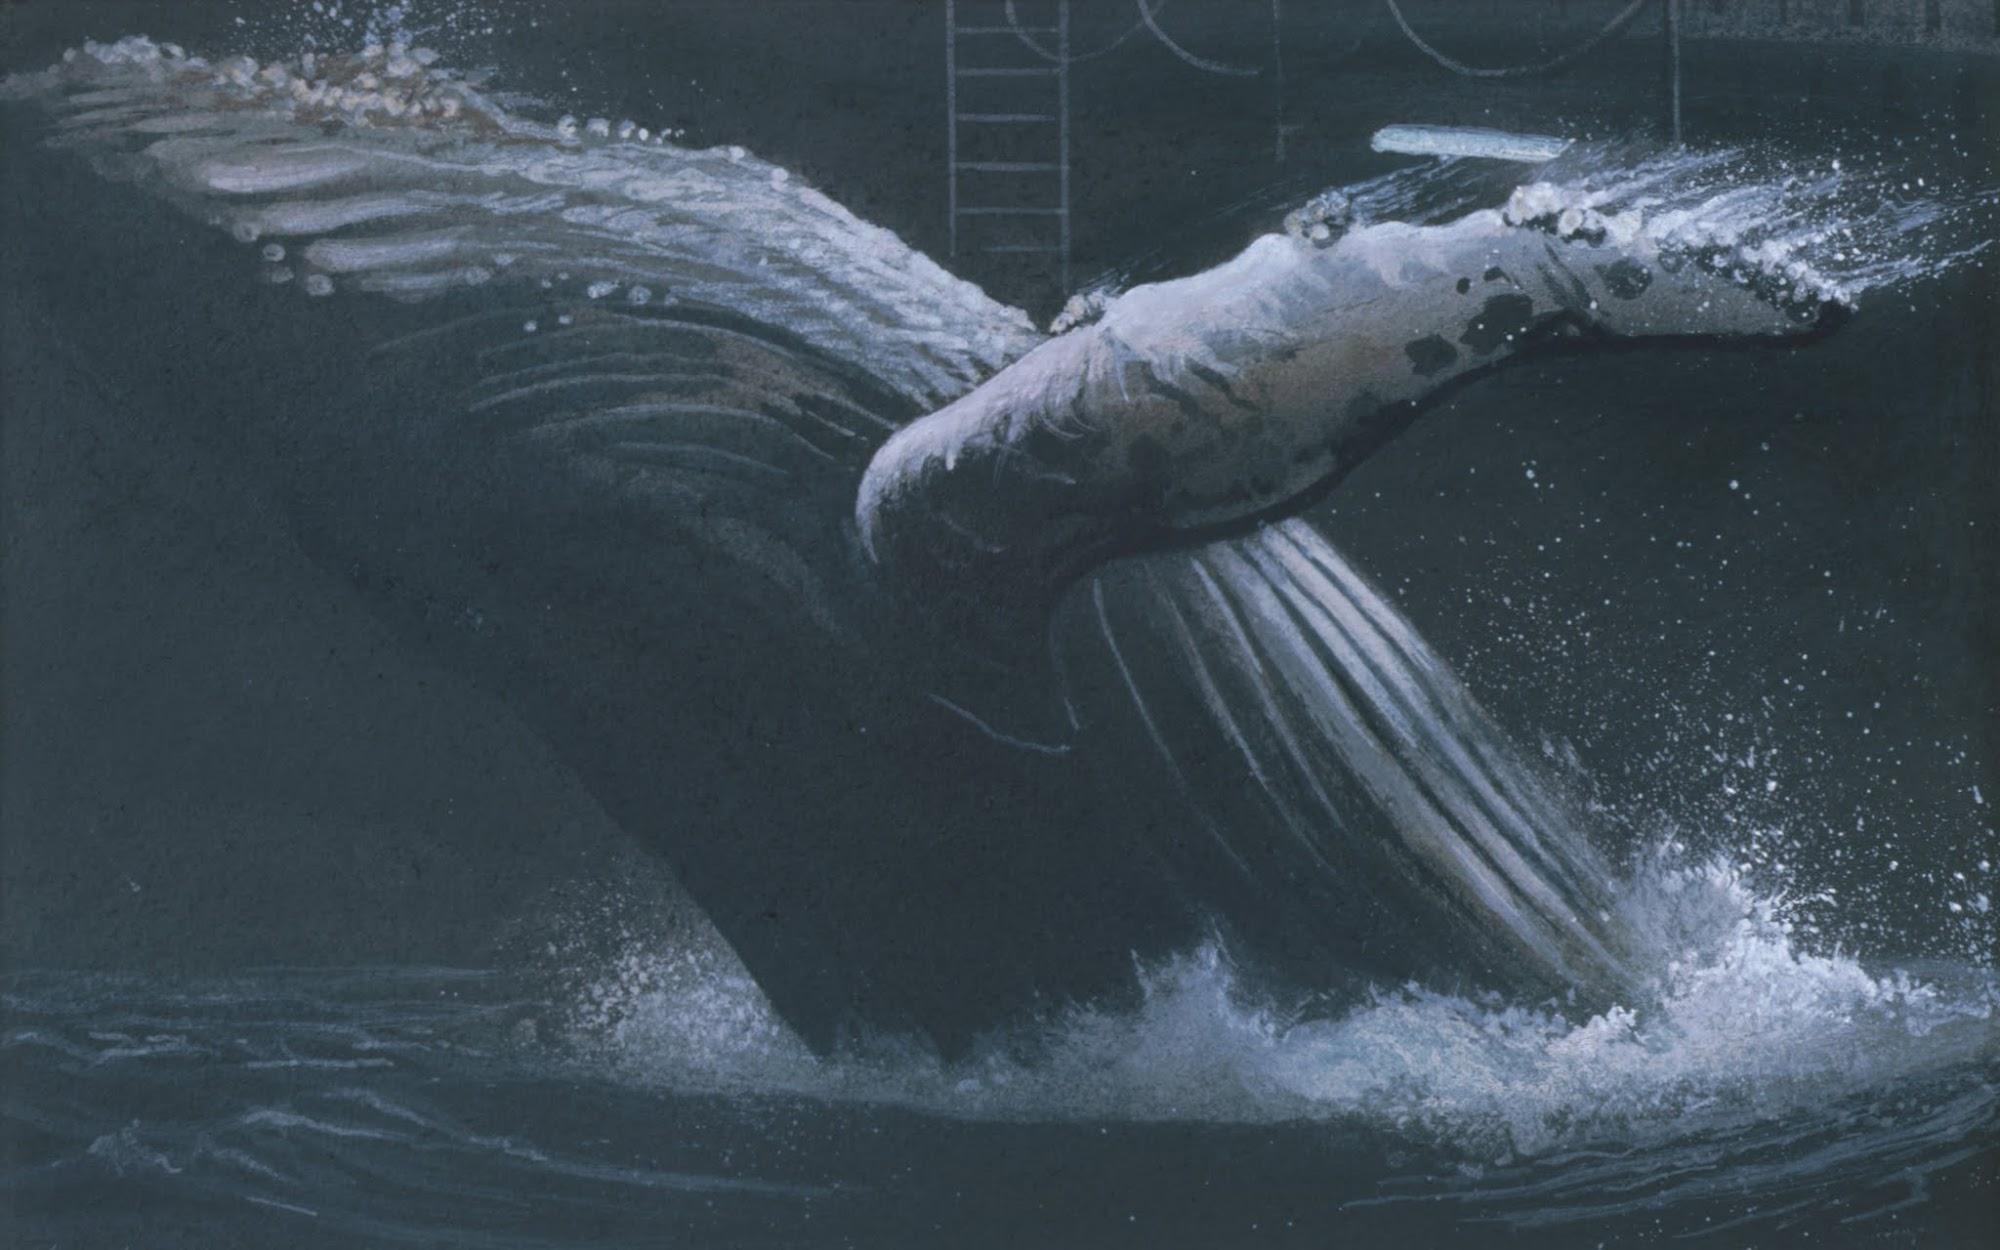 Arche (Noah) / Entwurf   1987   Aquarell   3-teilig